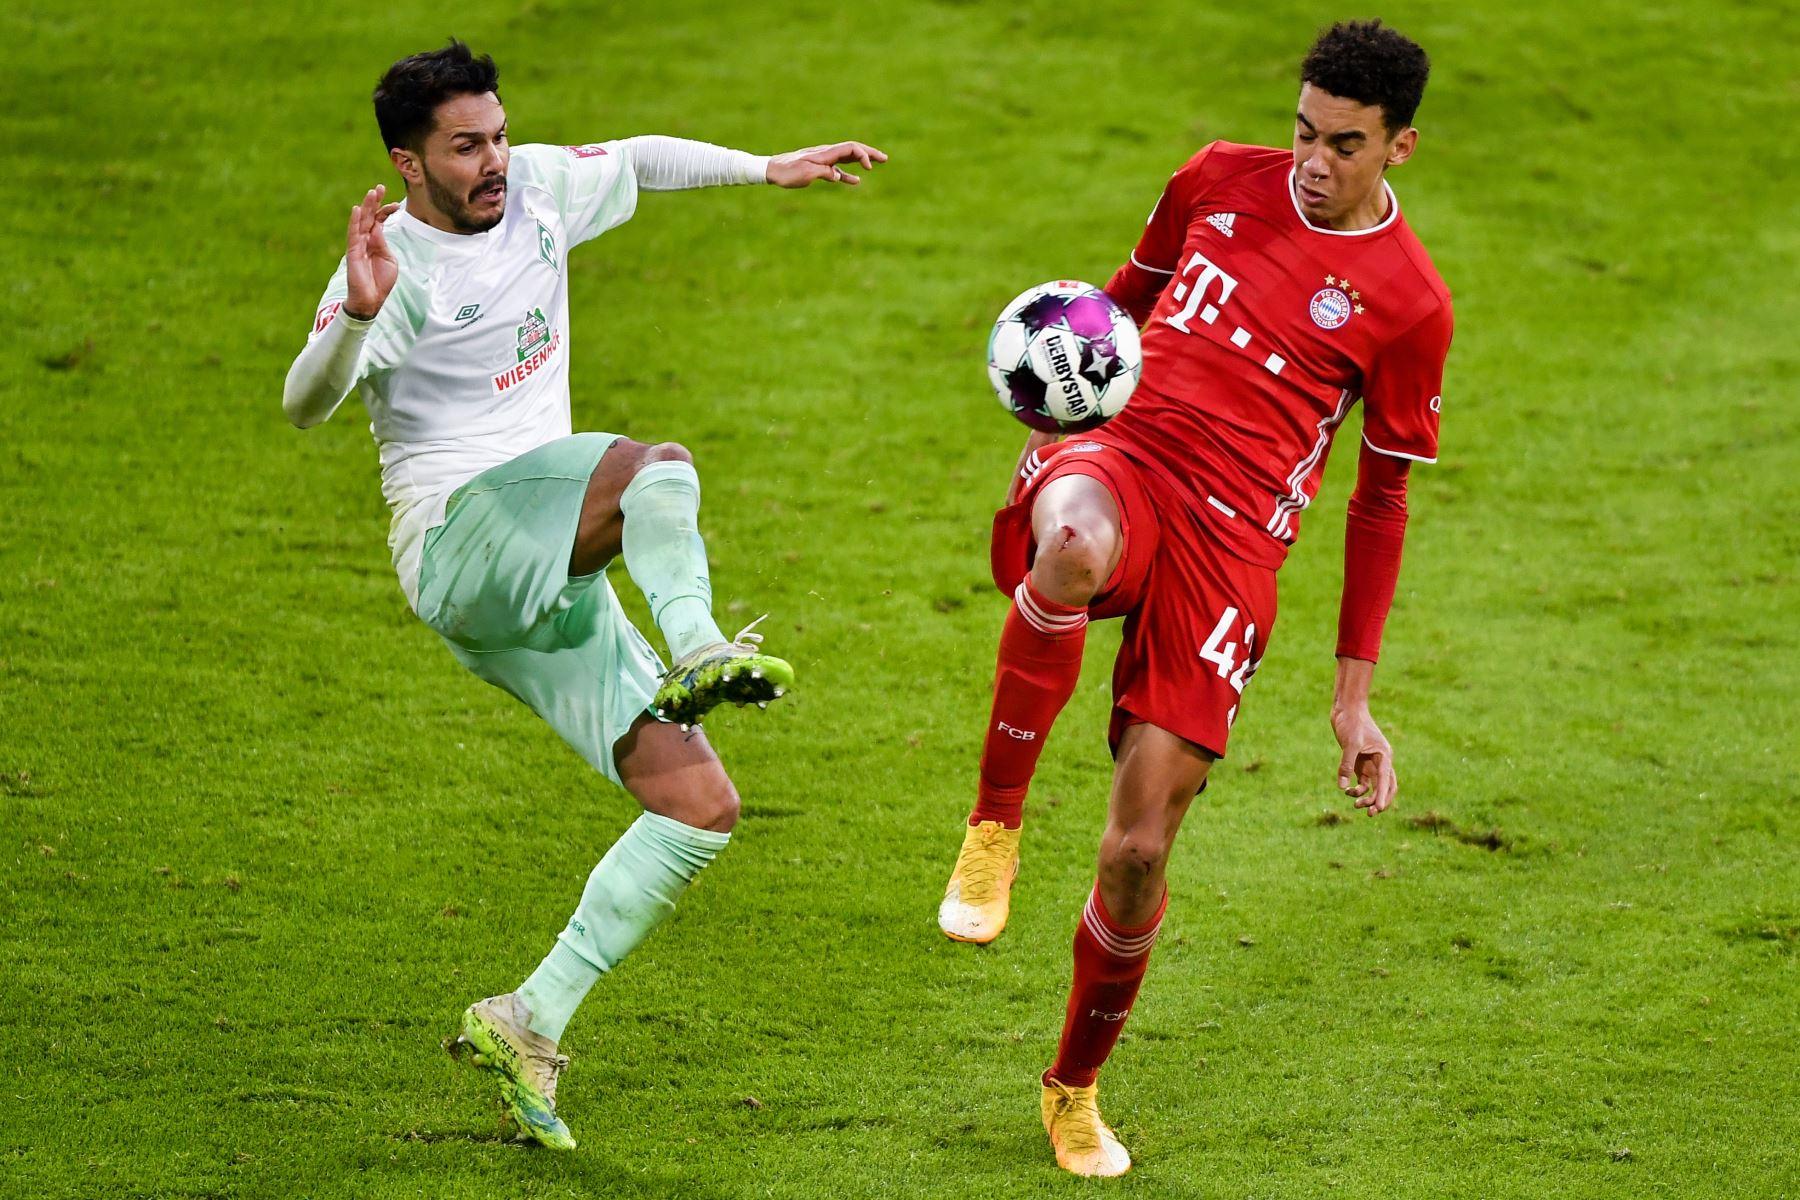 El mediocampista alemán del Bremen Leonardo Bittencourt y el mediocampista alemán del Bayern Munich Jamal Musiala compiten por el balón durante el partido de fútbol de la Bundesliga. Foto: AFP